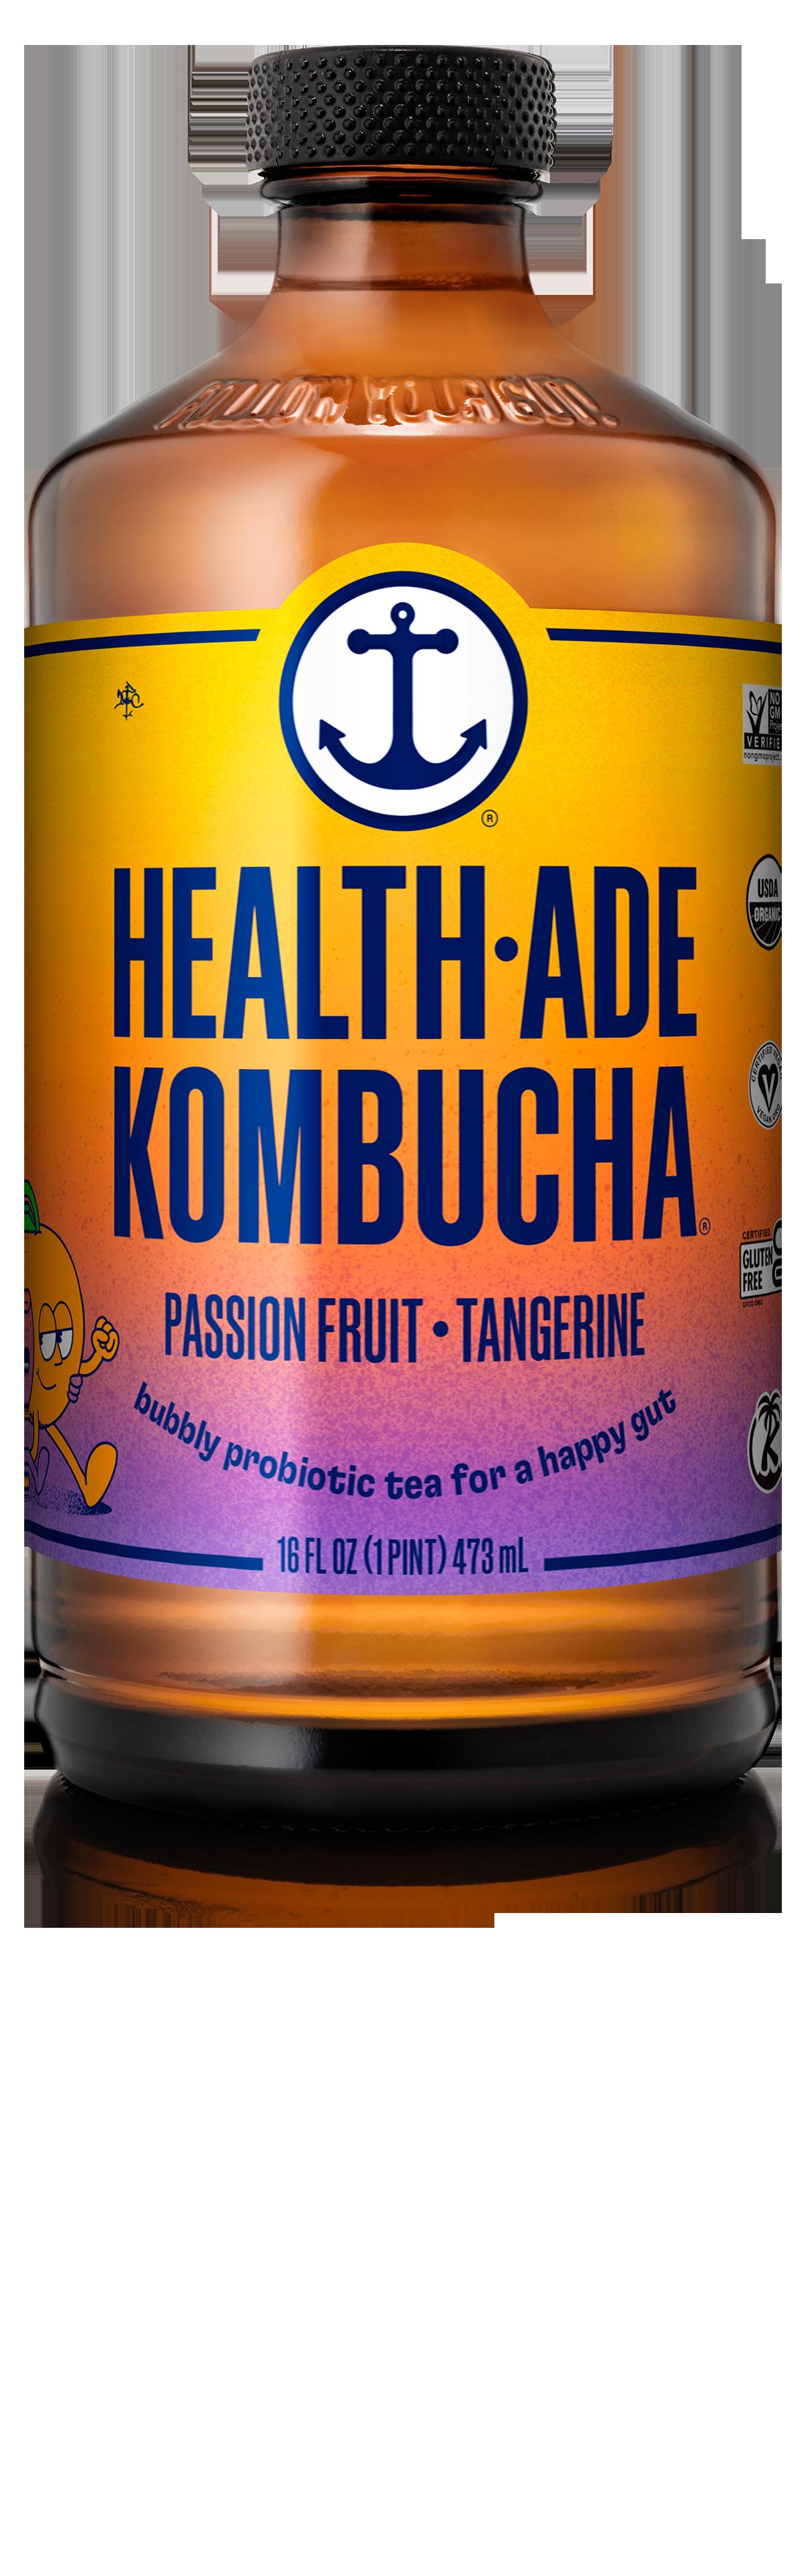 Health-Ade Kombucha Passion Fruit - Tangerine